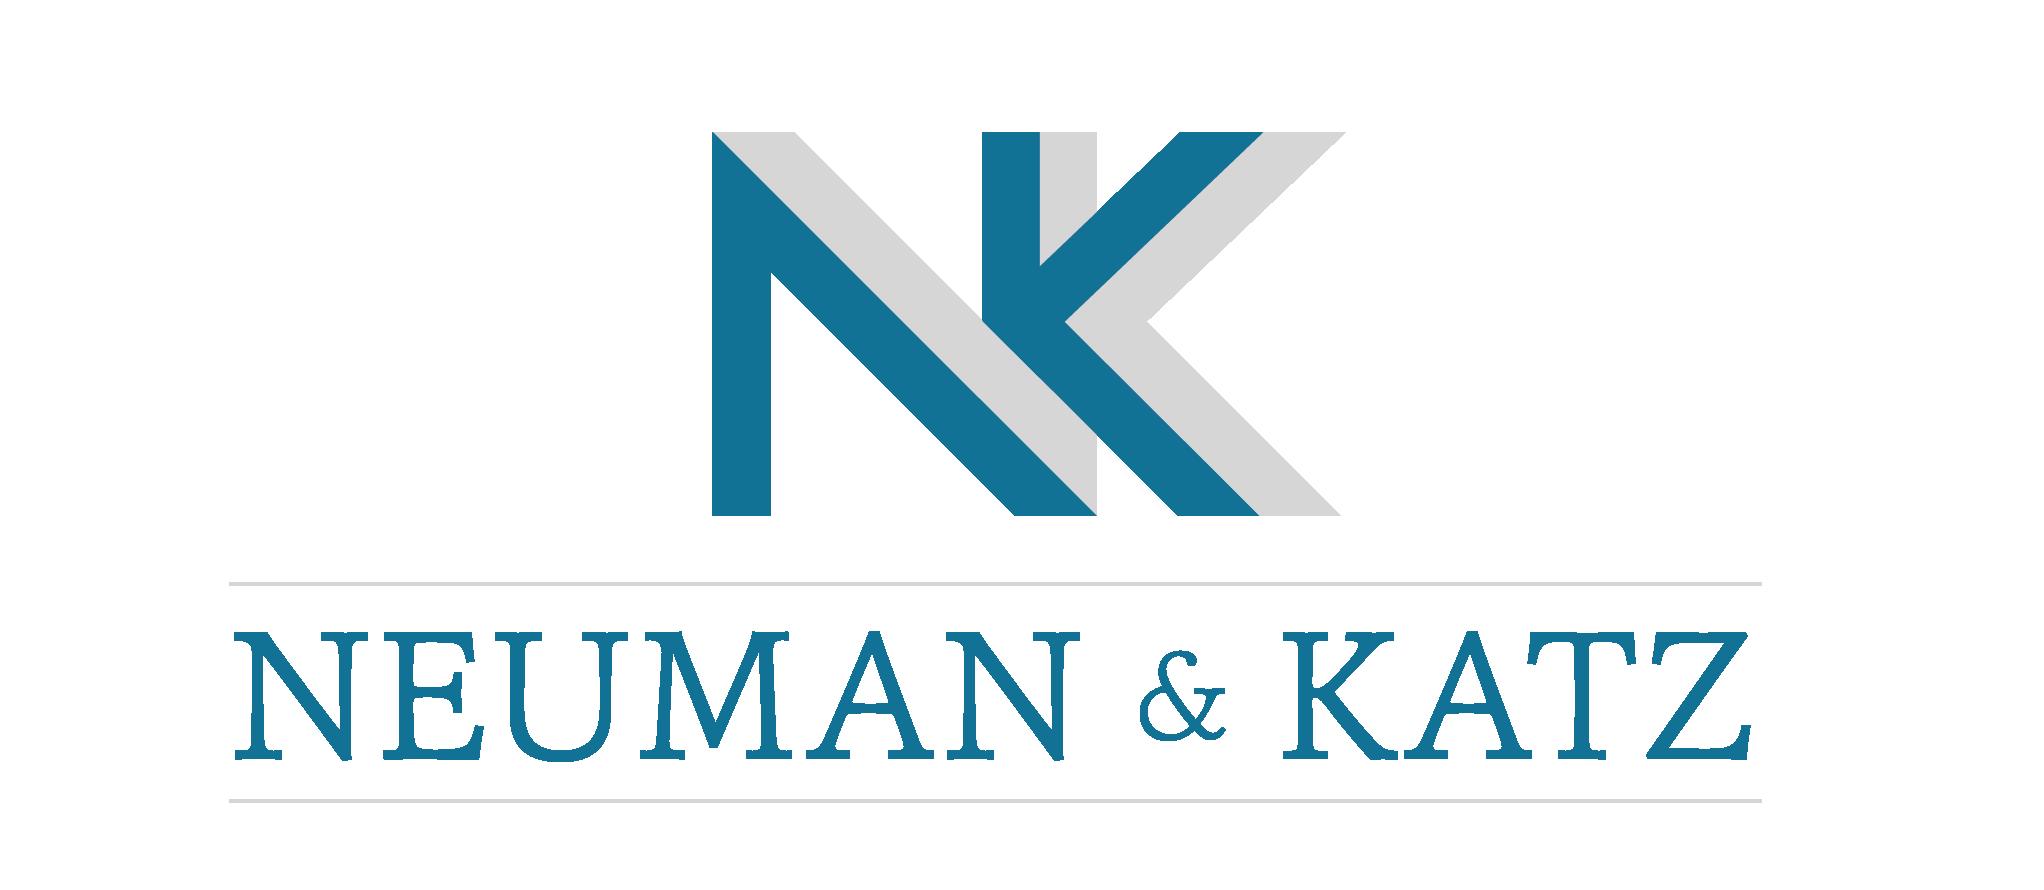 Neuman & Katz